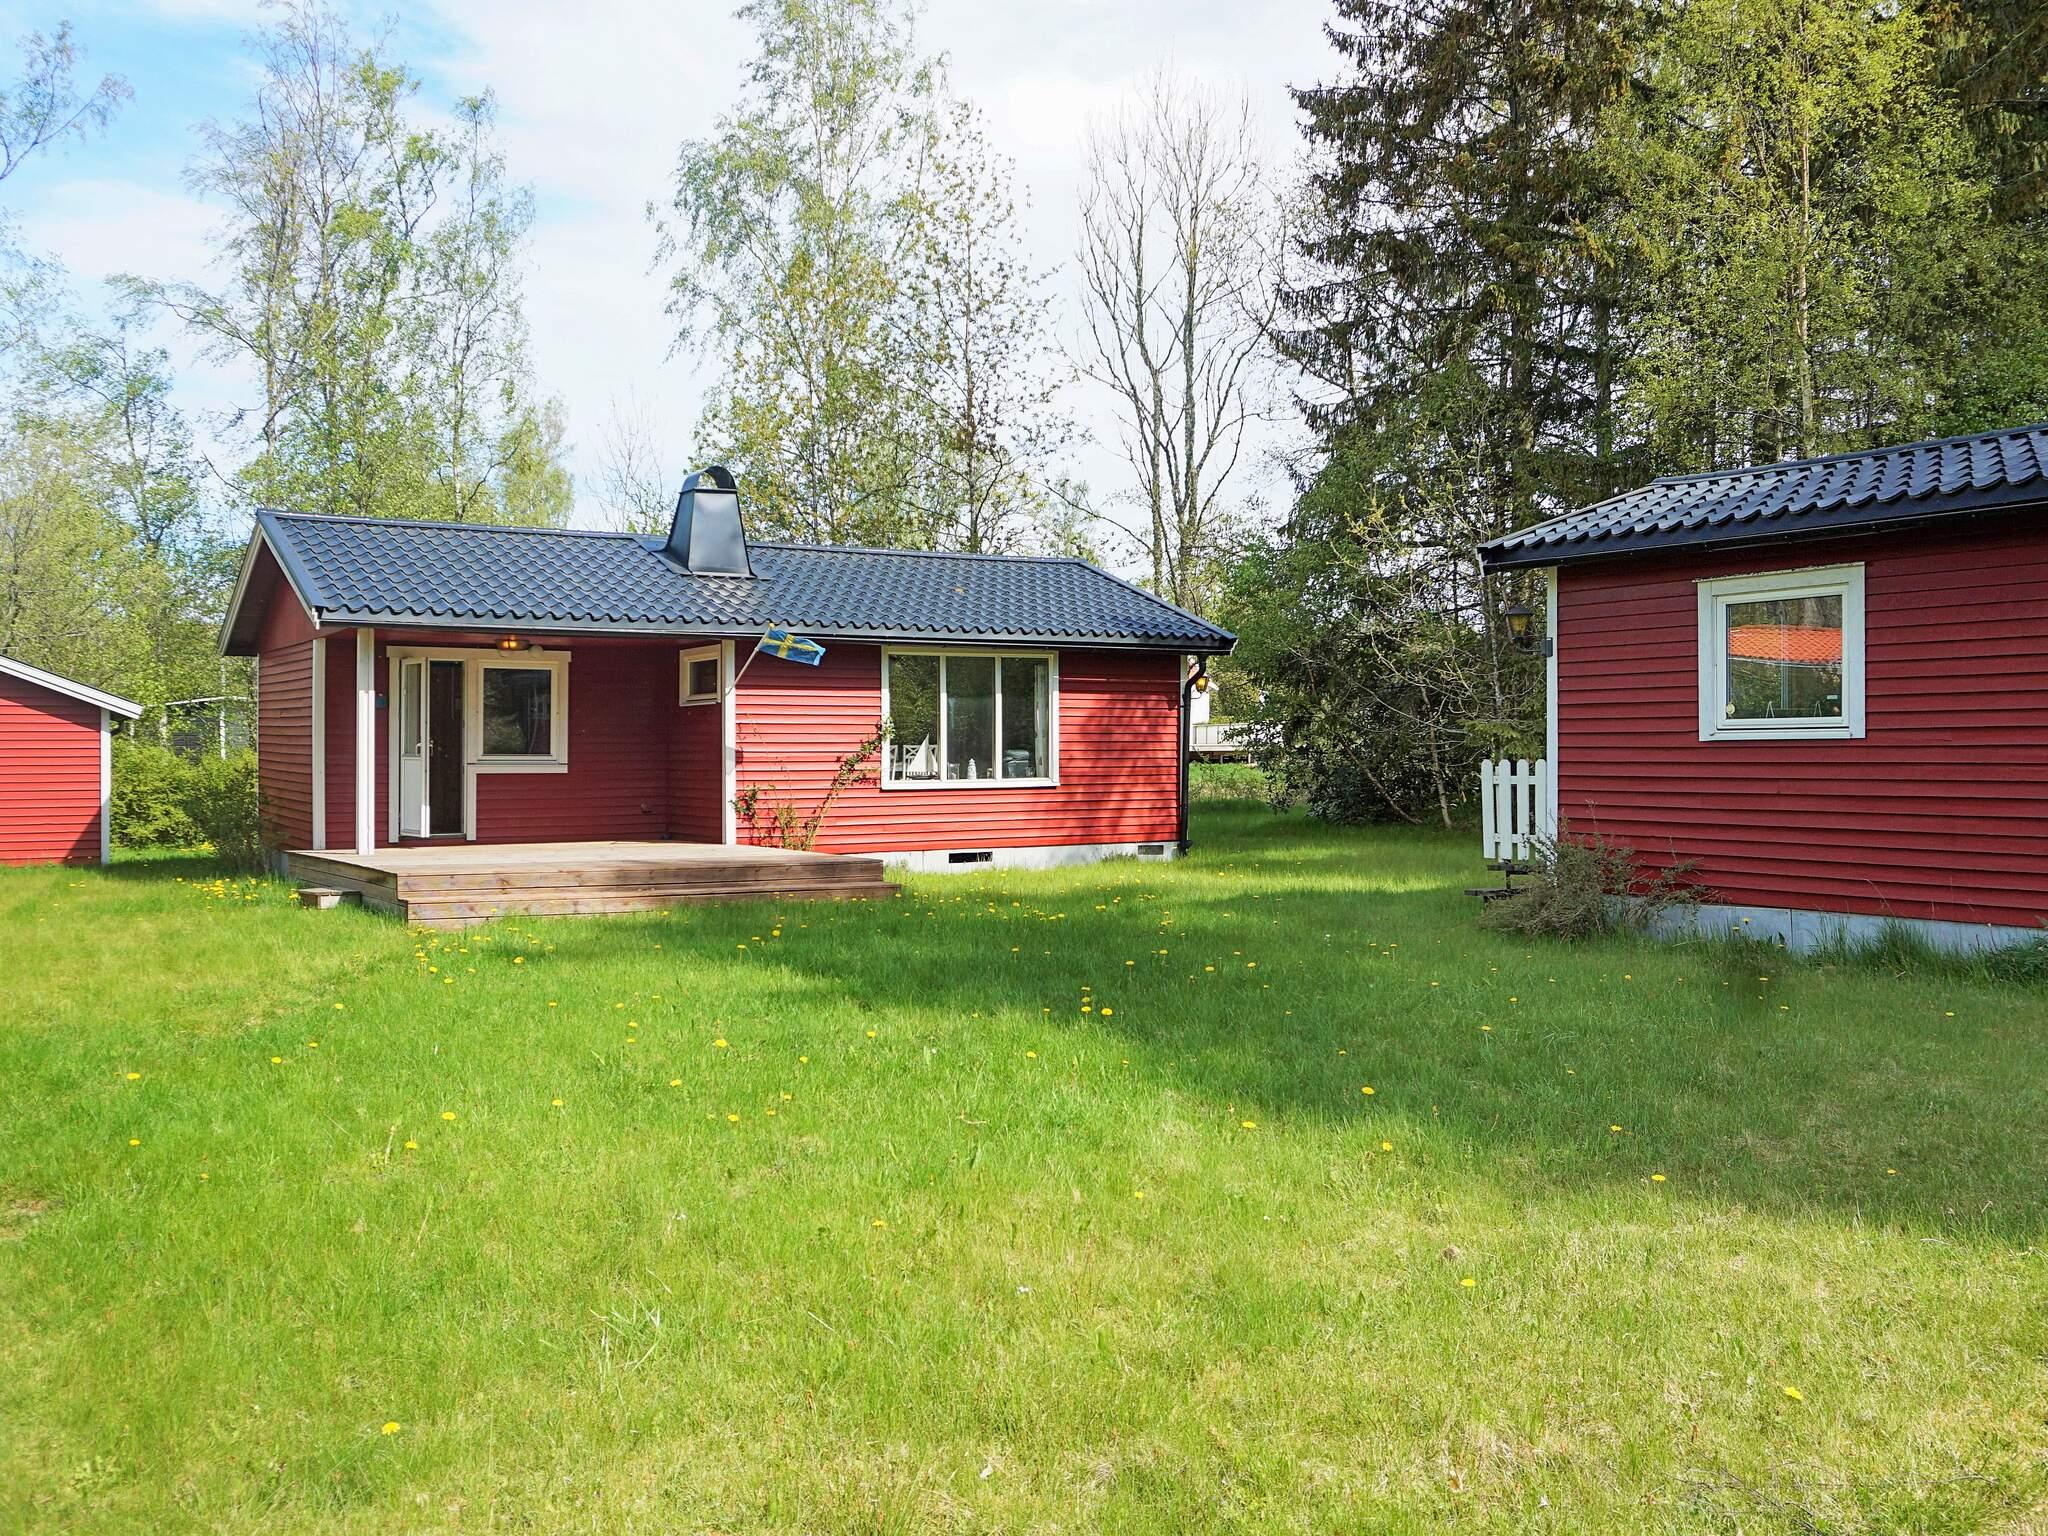 Ferienhaus Barkedal (2627959), Brastad, Västra Götaland län, Westschweden, Schweden, Bild 13